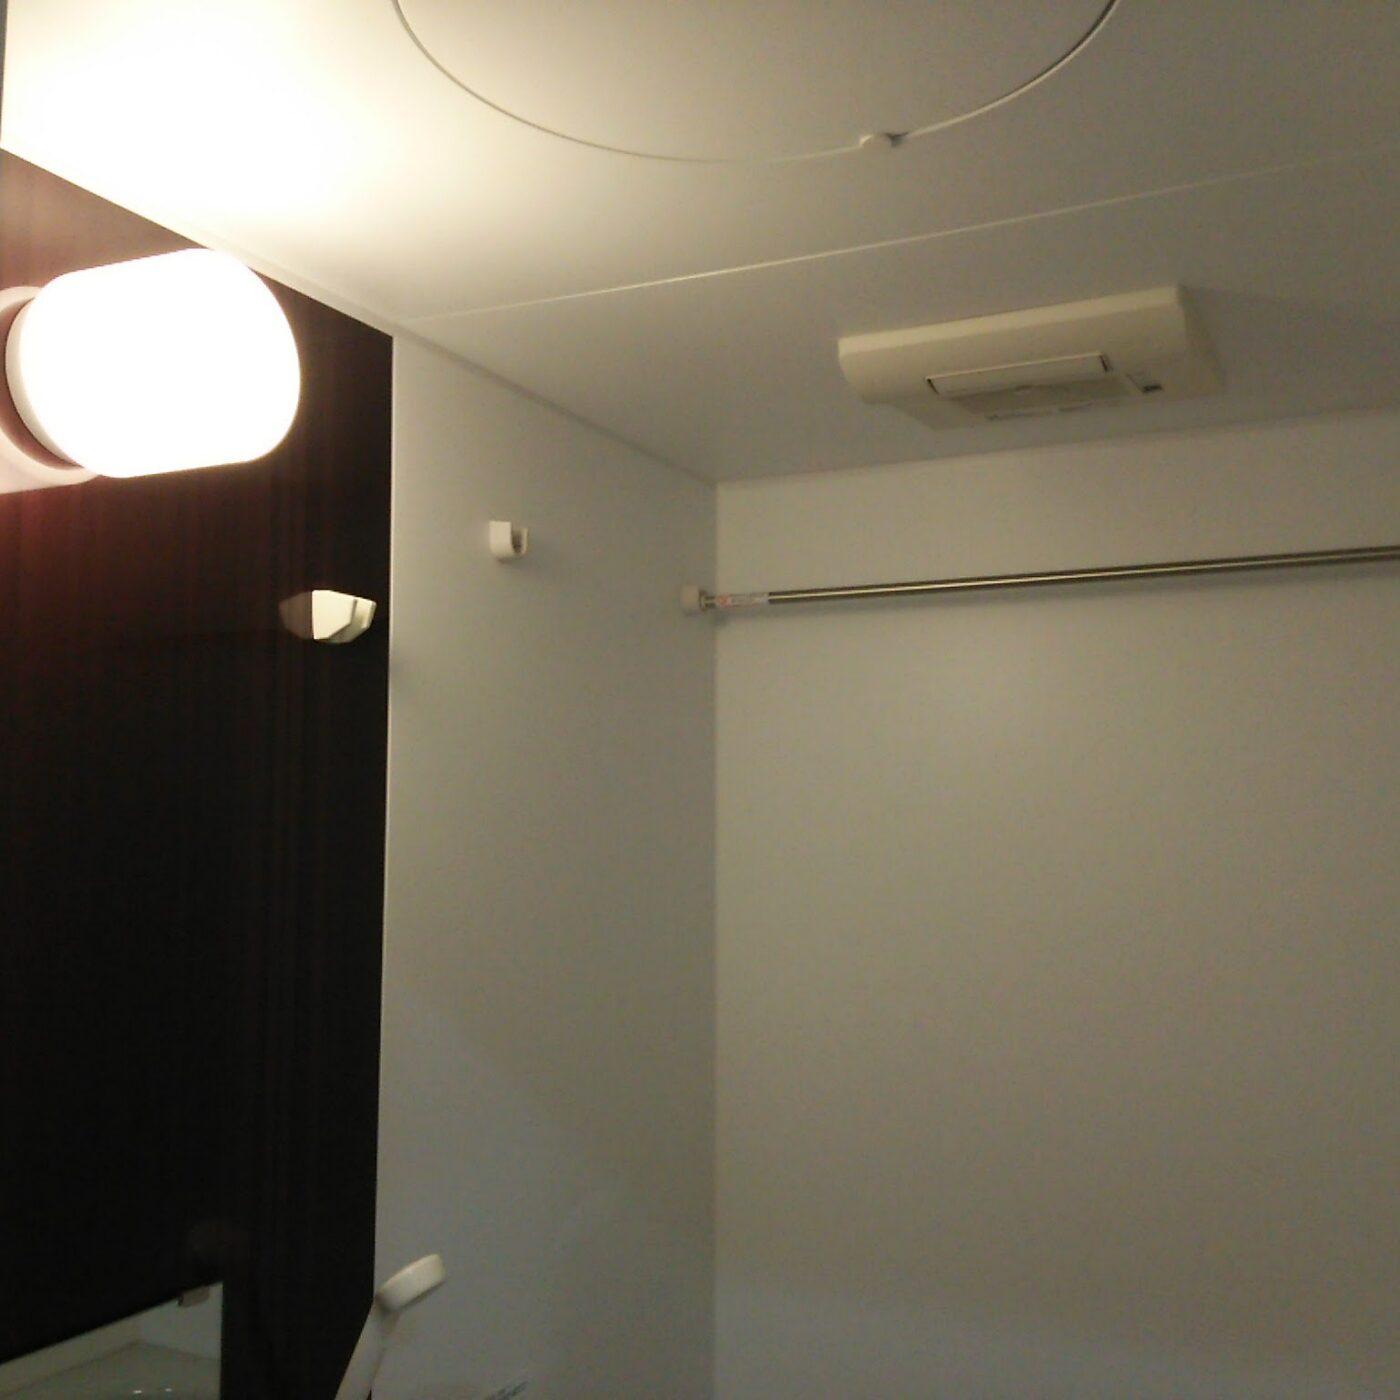 熊本大学 生協 賃貸マンション ひとり暮らし 学生専用 ツイードパレス 内観 Aタイプ